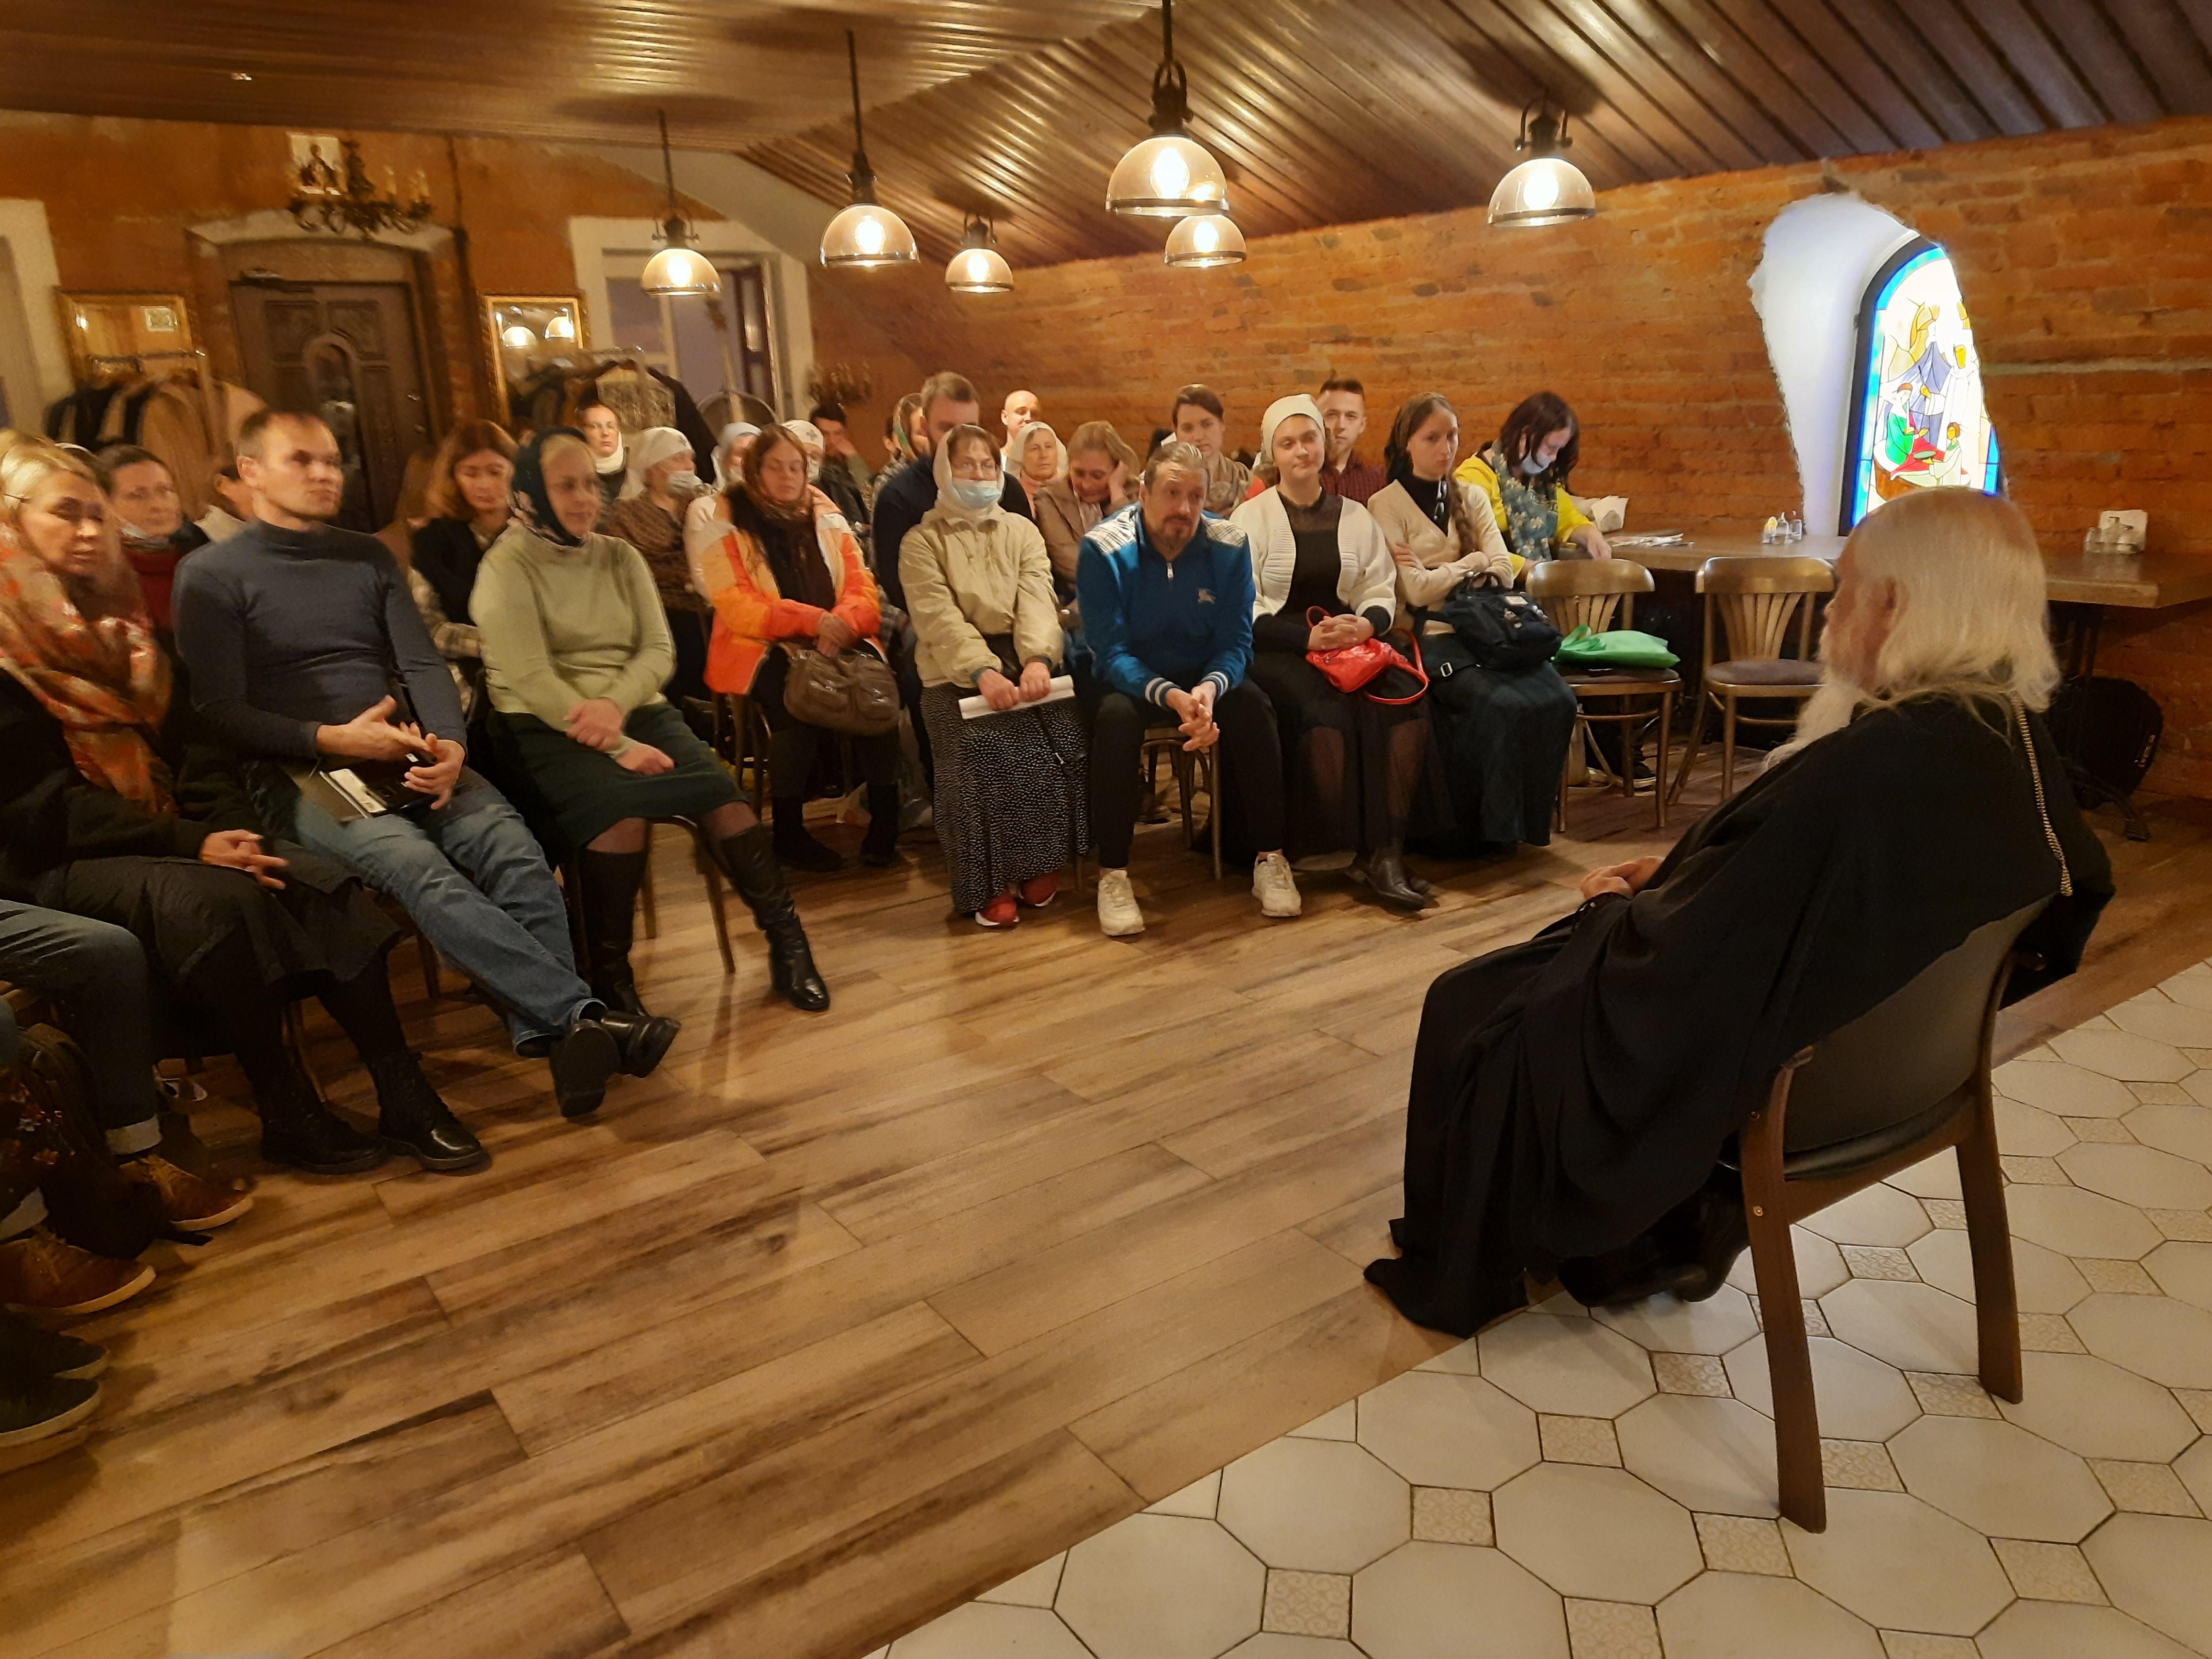 Епископ Пантелеимон проводит первое занятие курсов по уходу для добровольцев